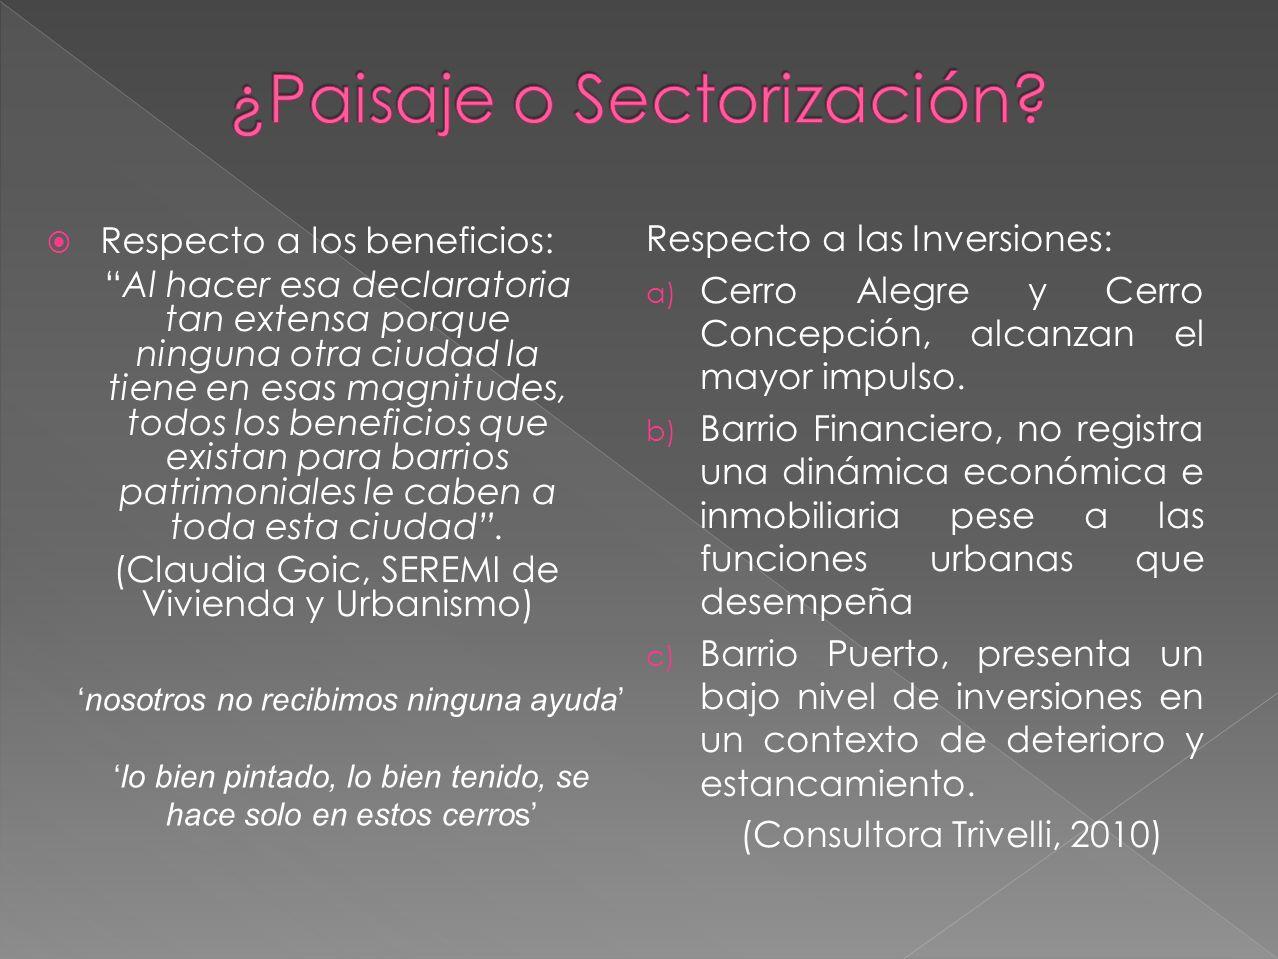 Respecto a las Inversiones: a) Cerro Alegre y Cerro Concepción, alcanzan el mayor impulso.